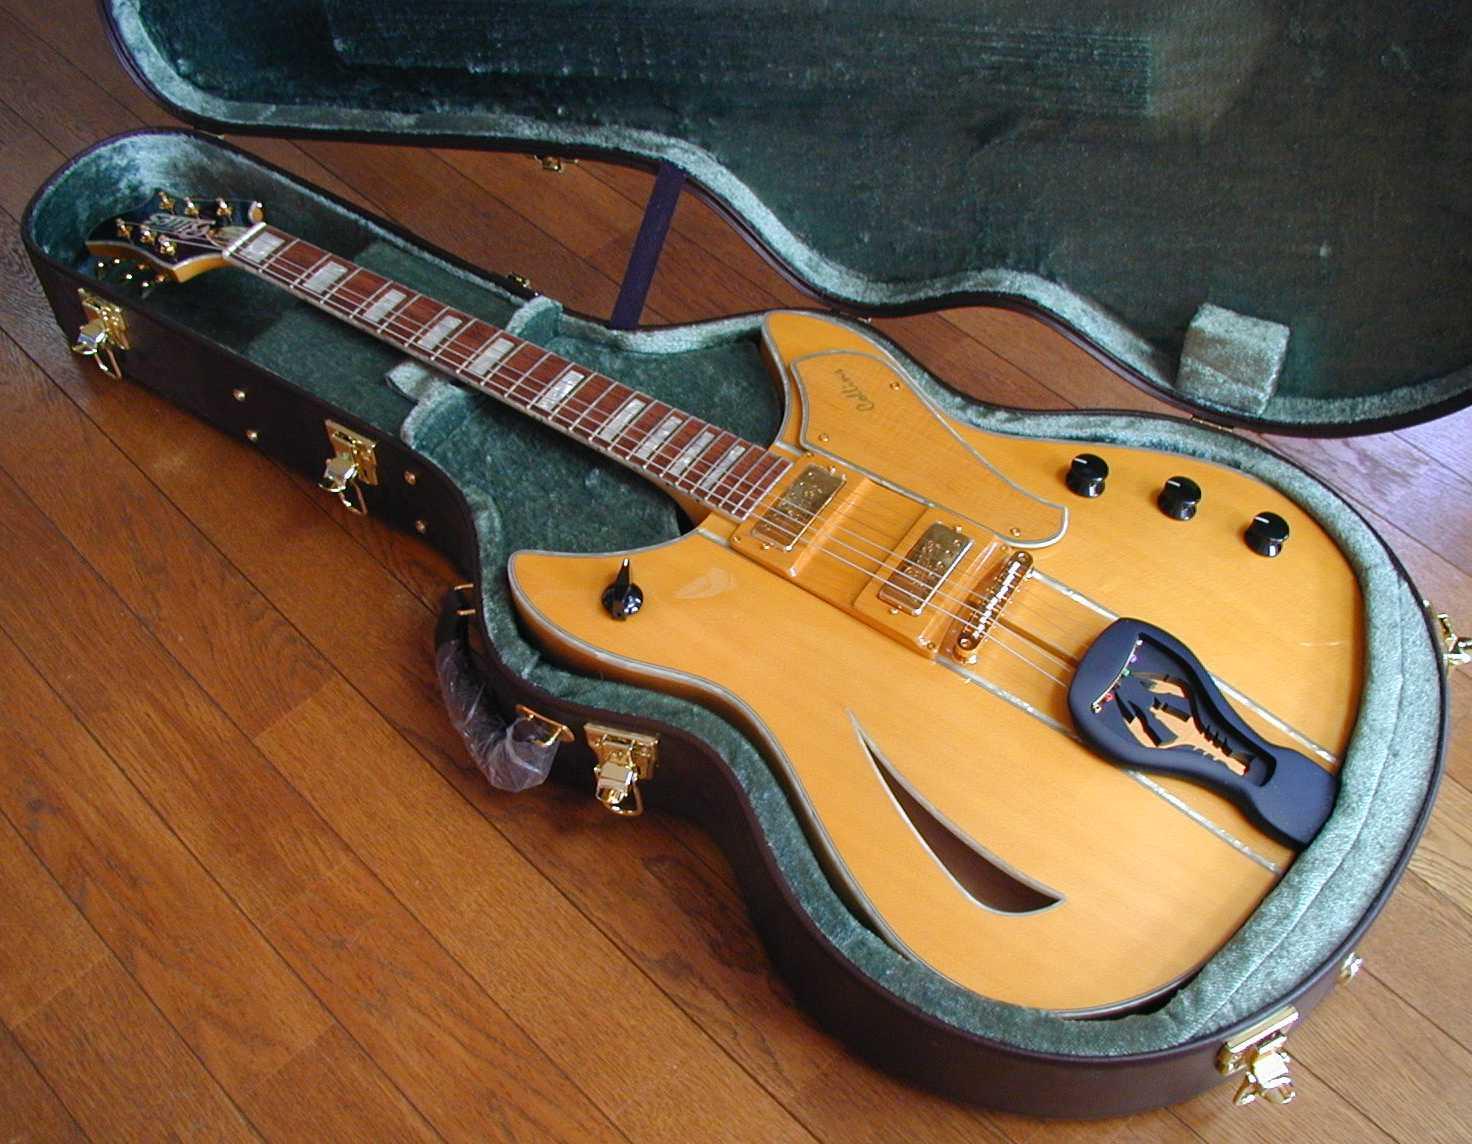 2004 blues ong deviser collins large archtop guitar. Black Bedroom Furniture Sets. Home Design Ideas